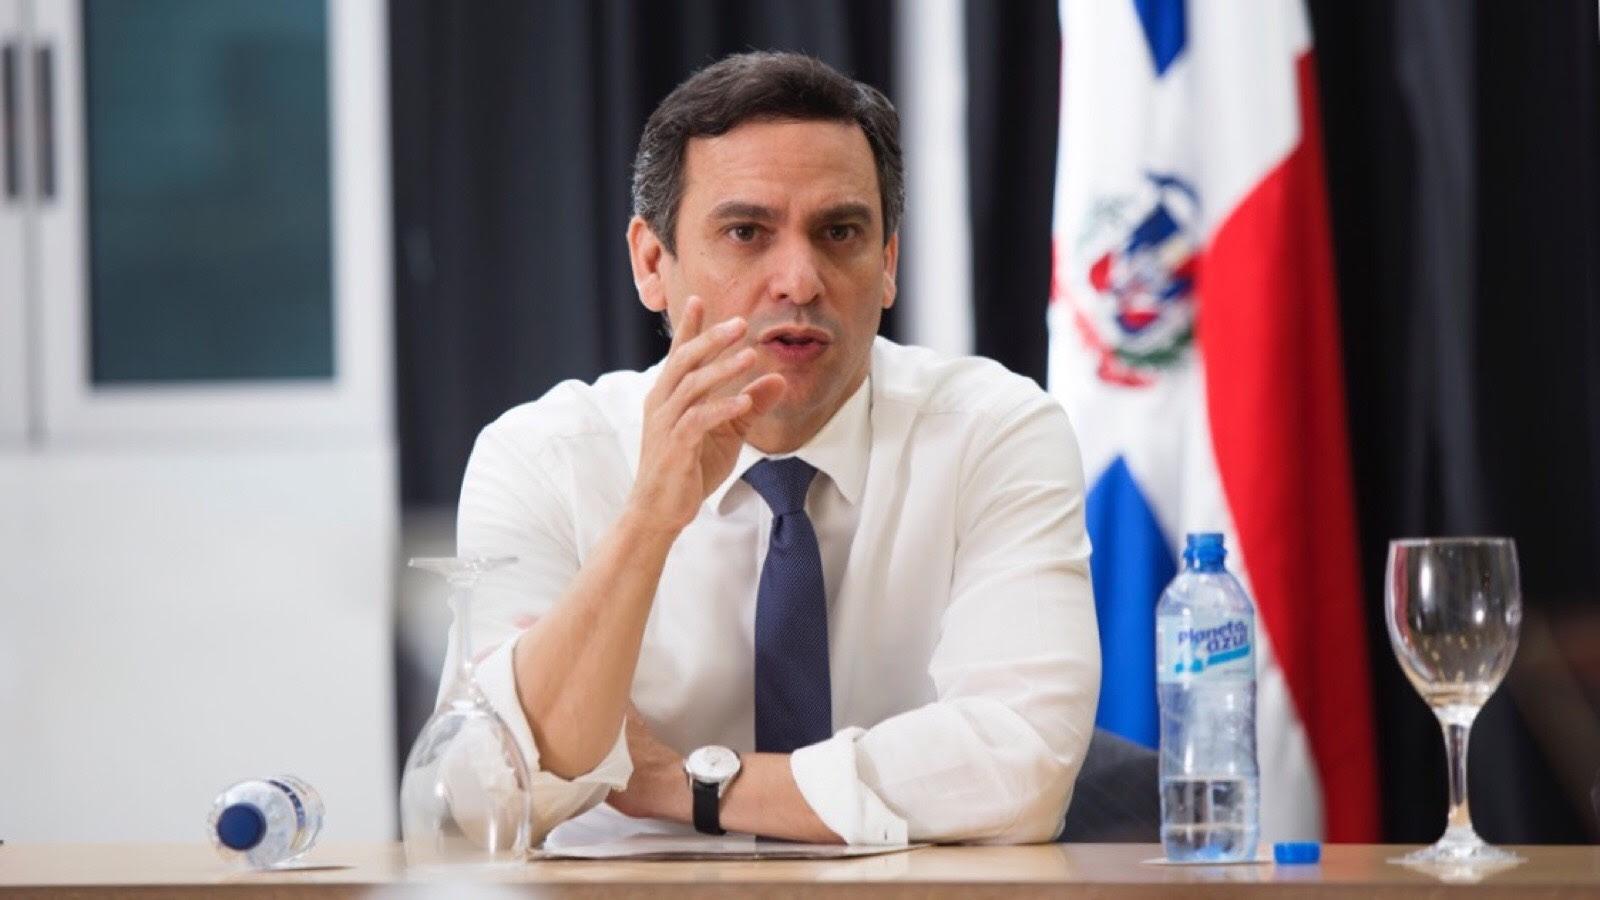 Aumentan oportunidades de República Dominicana de competir en grandes mercados